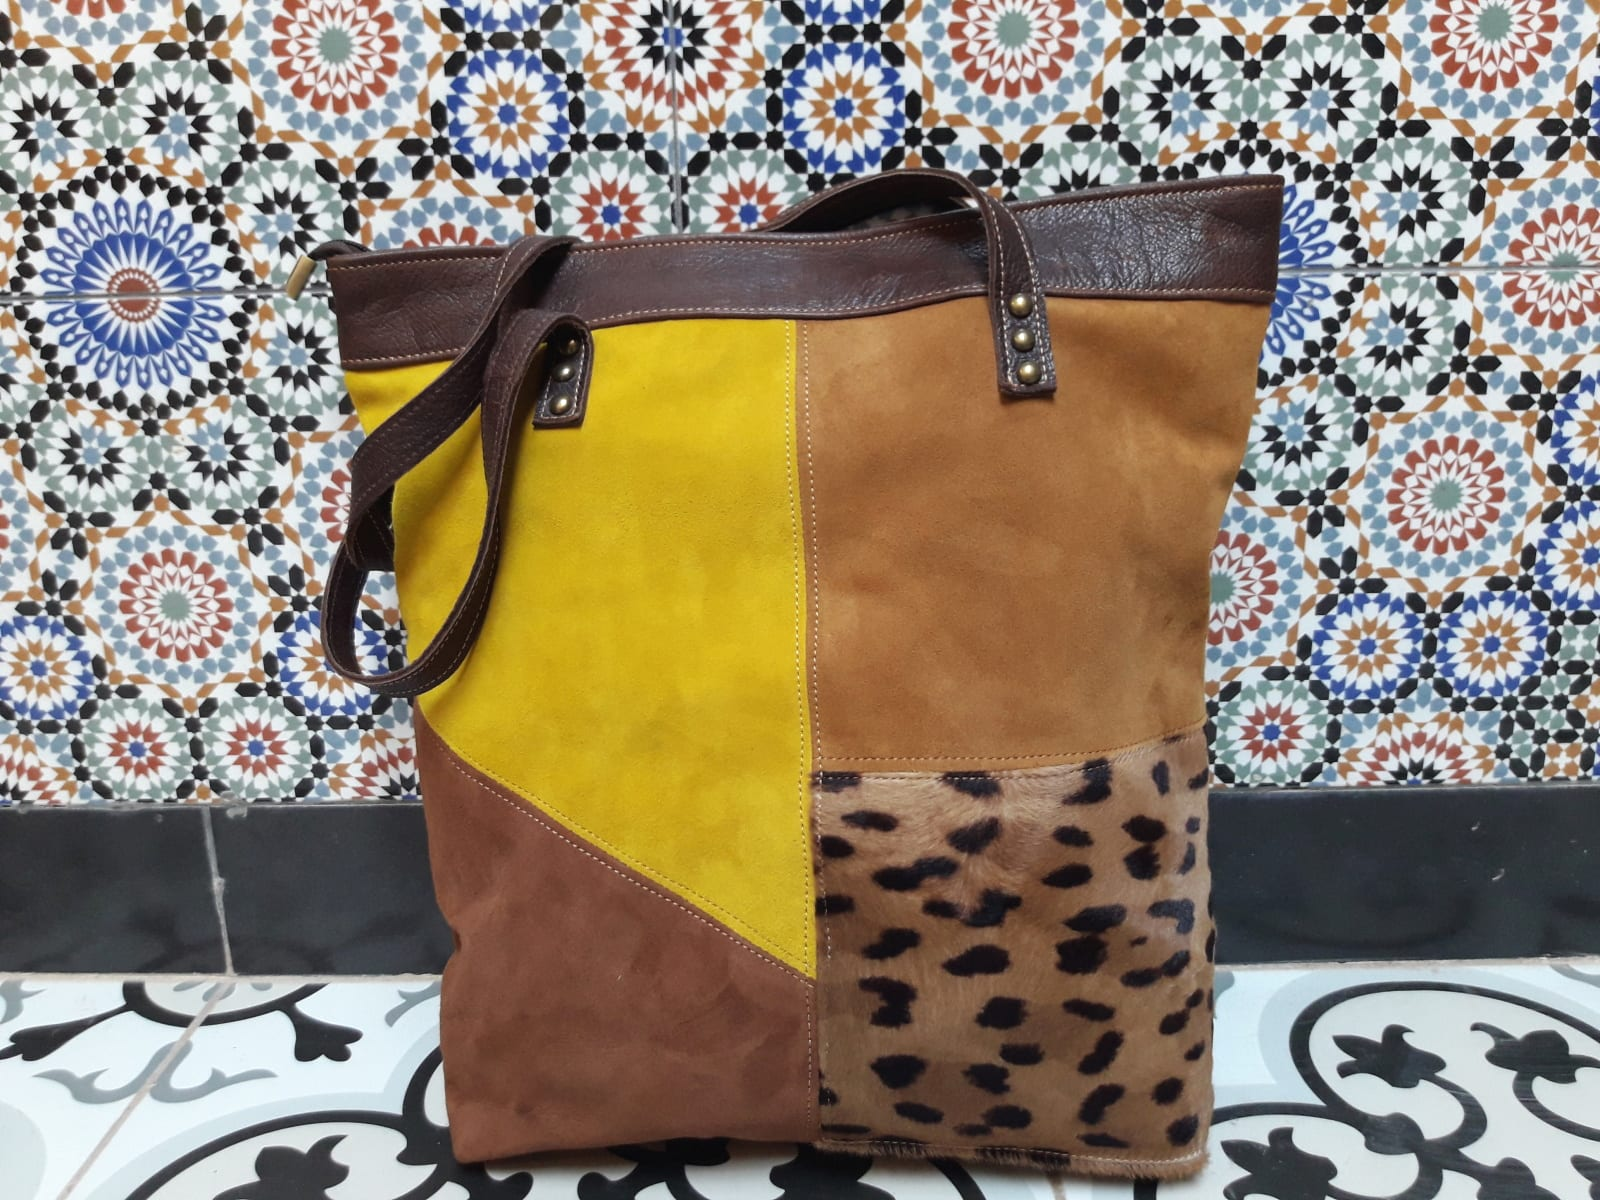 bag leather Yellow, Brown Morocco